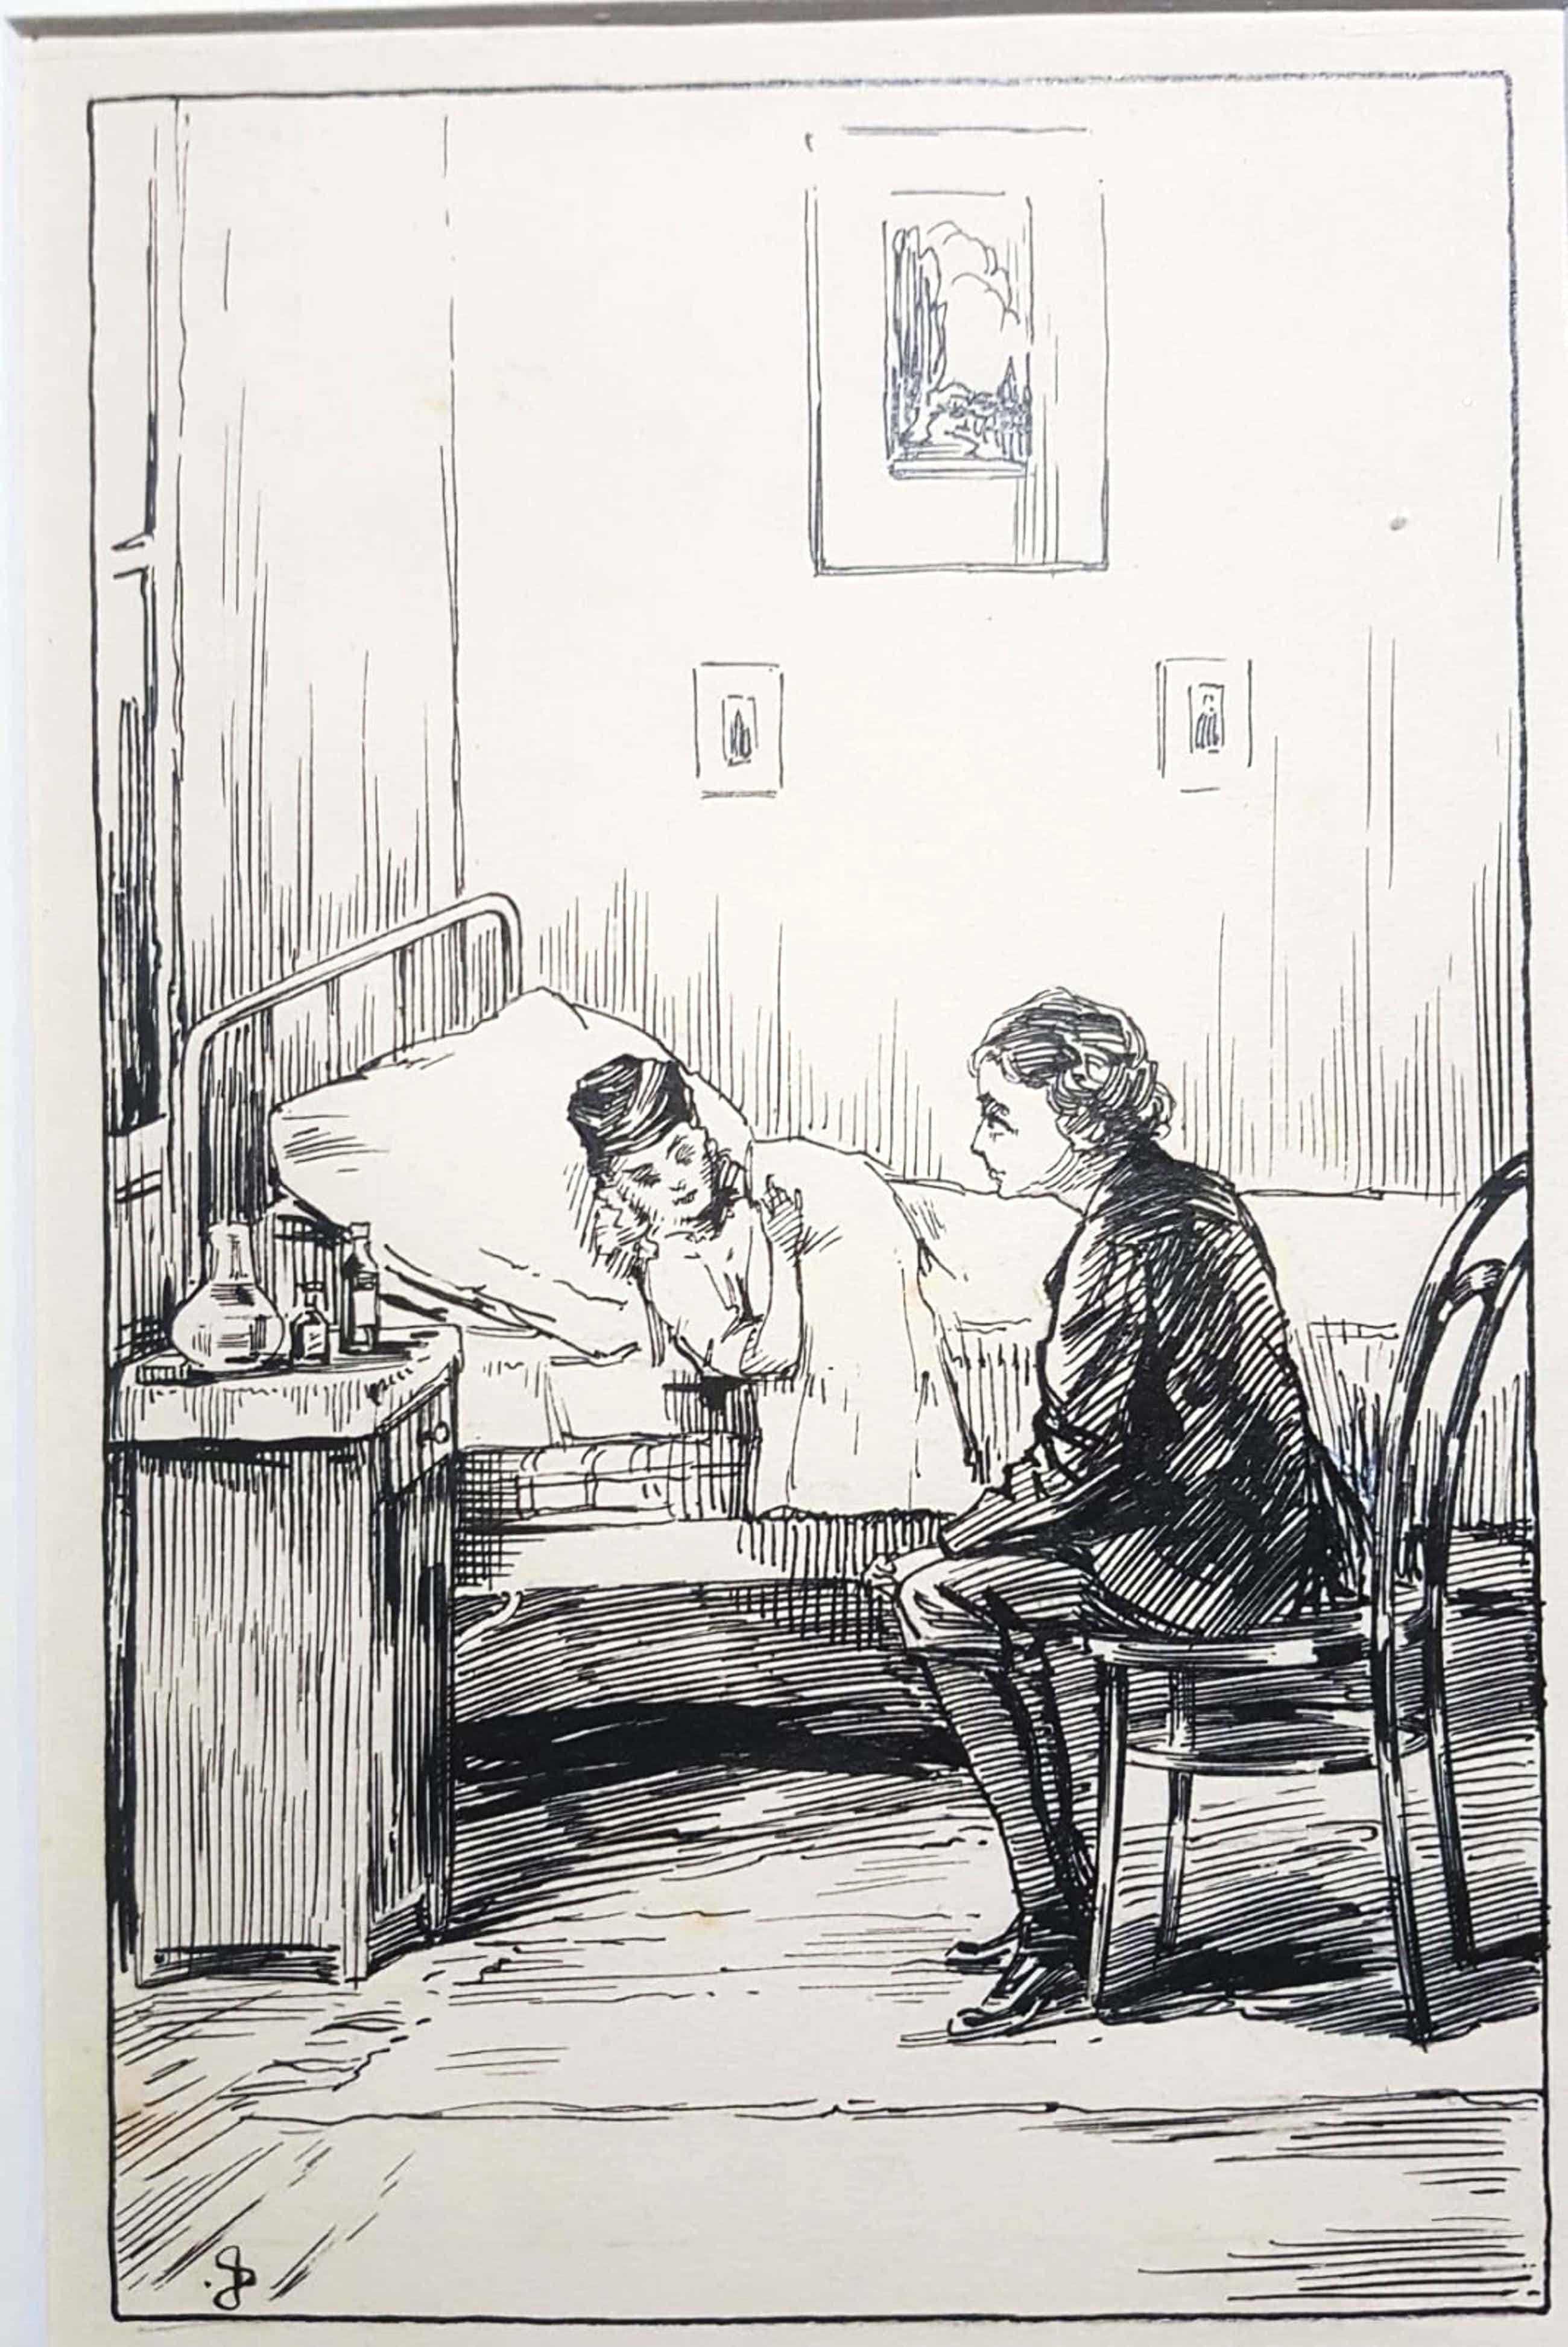 Jan Sluijters - Jan Sluijters sr 1881-1957 Originele tekening handgesigneerd in passe partout kopen? Bied vanaf 120!